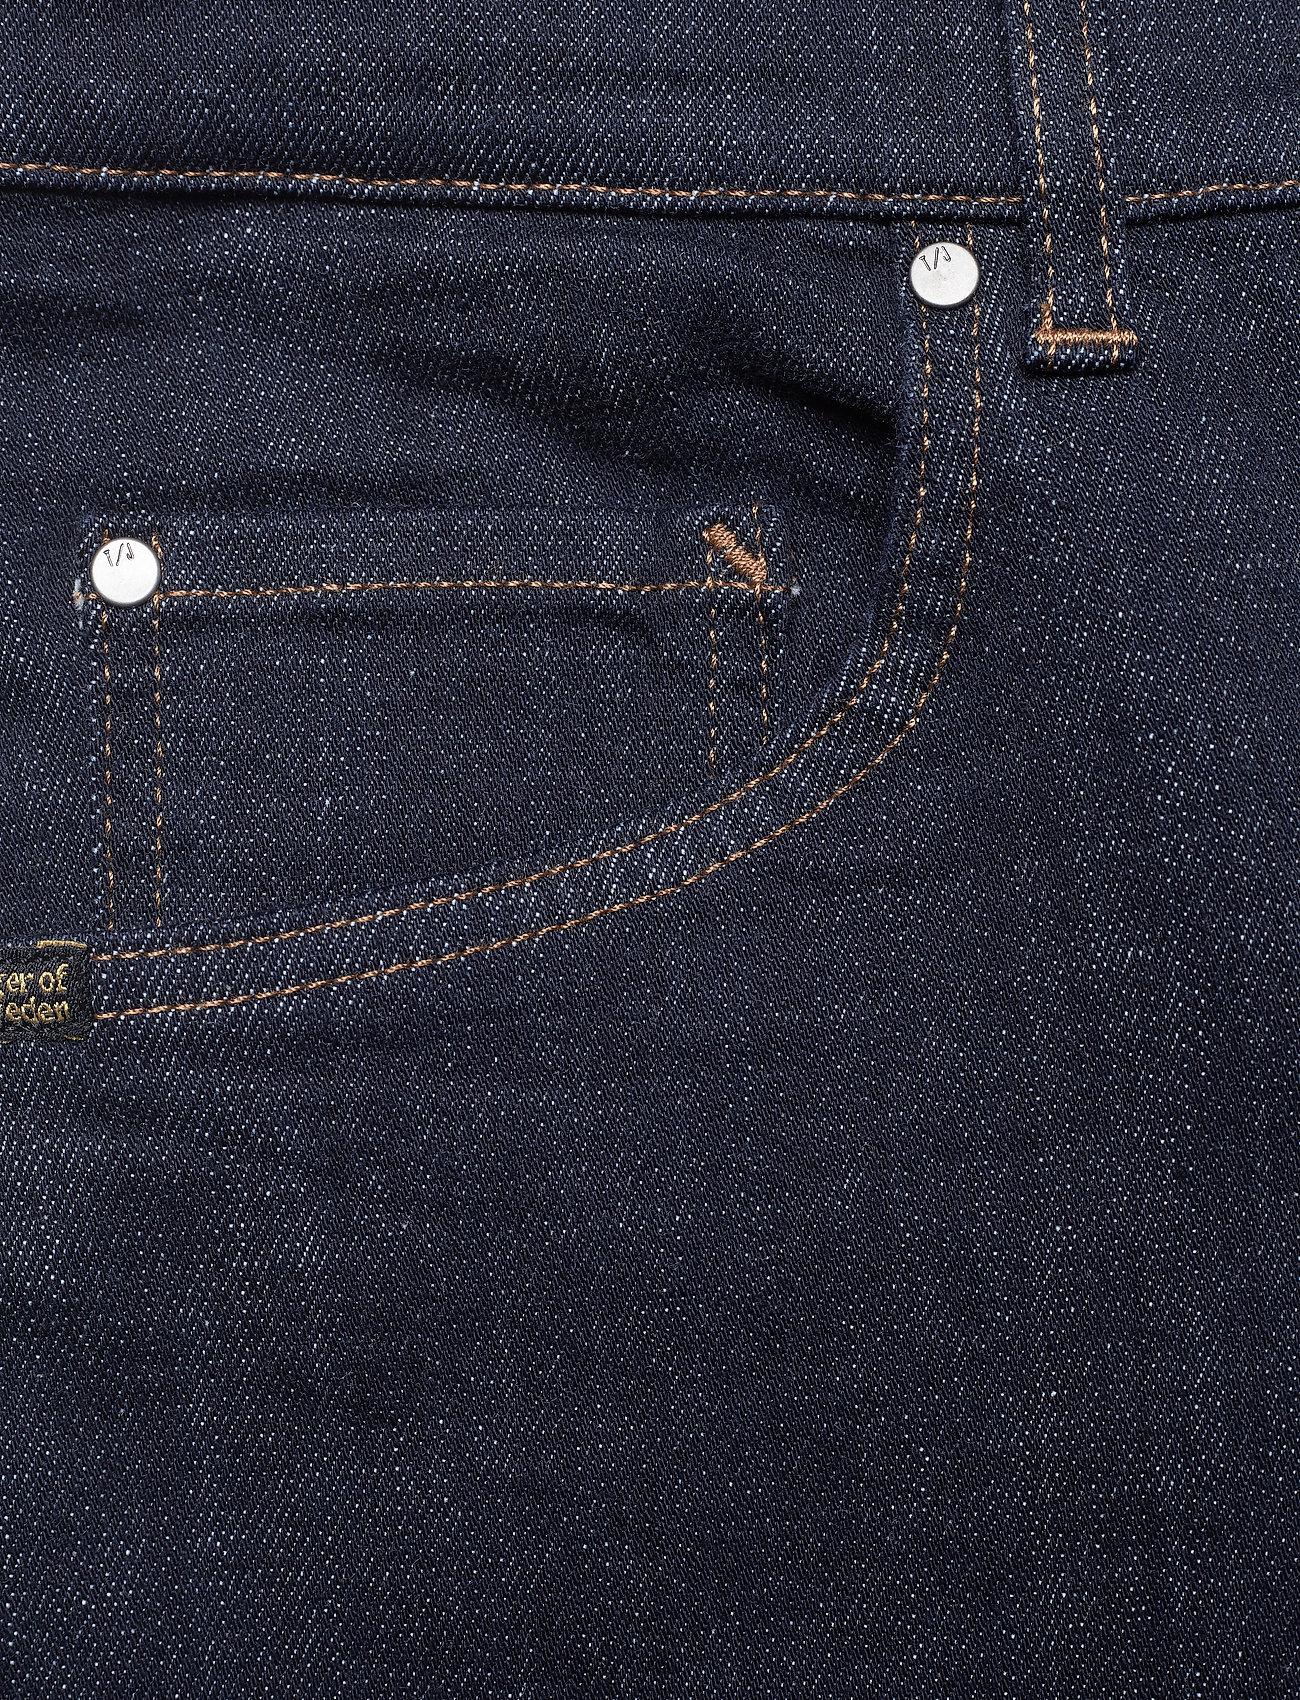 Jeans BlueTiger Sweden Sweden Of BlueTiger Of Slimmidnight Slimmidnight dxoWeQrCBE